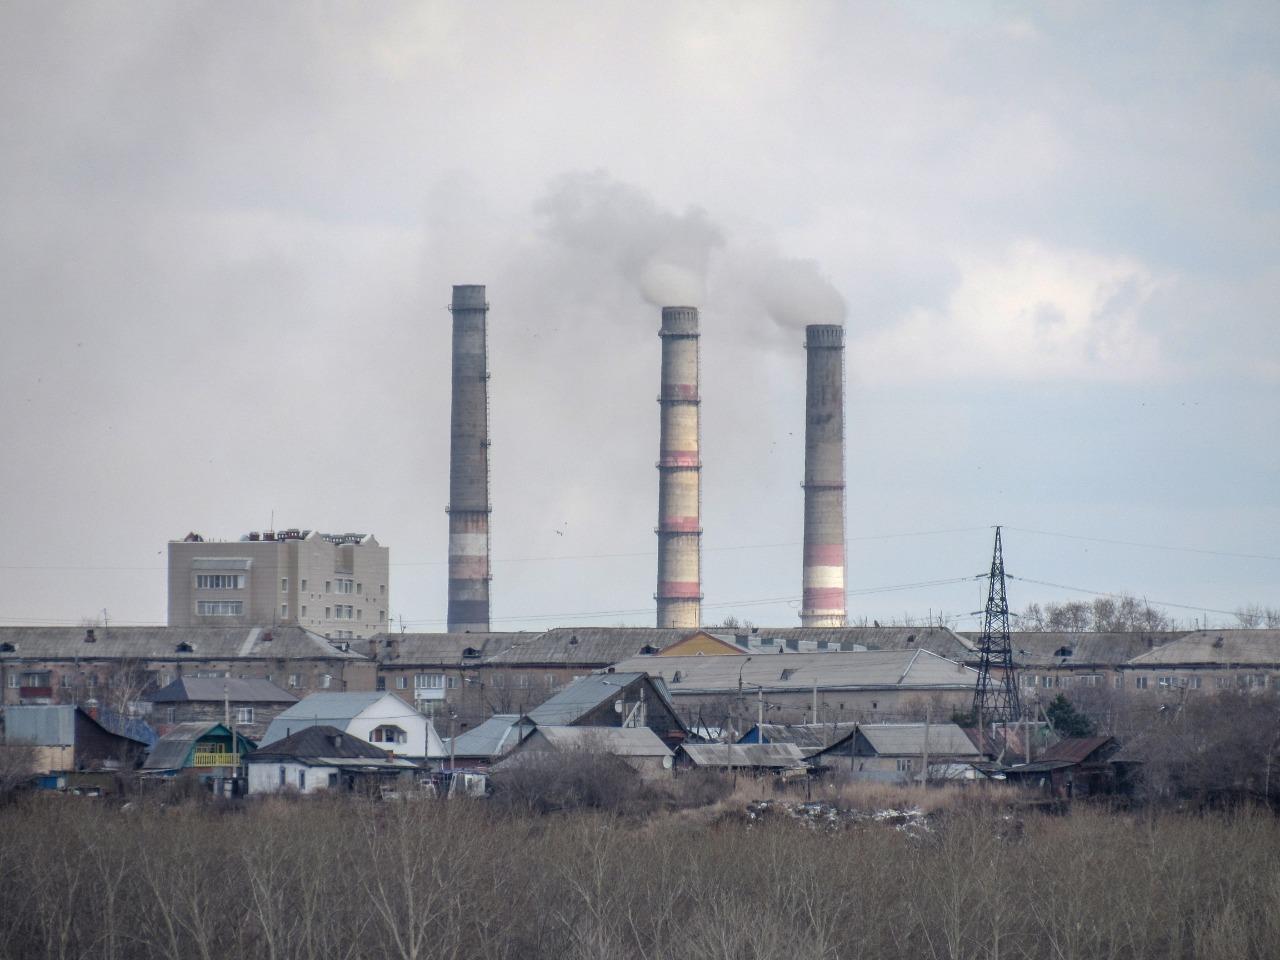 В России врачи не смогли помочь североказахстанцу, получившему сильнейшие ожоги на работе